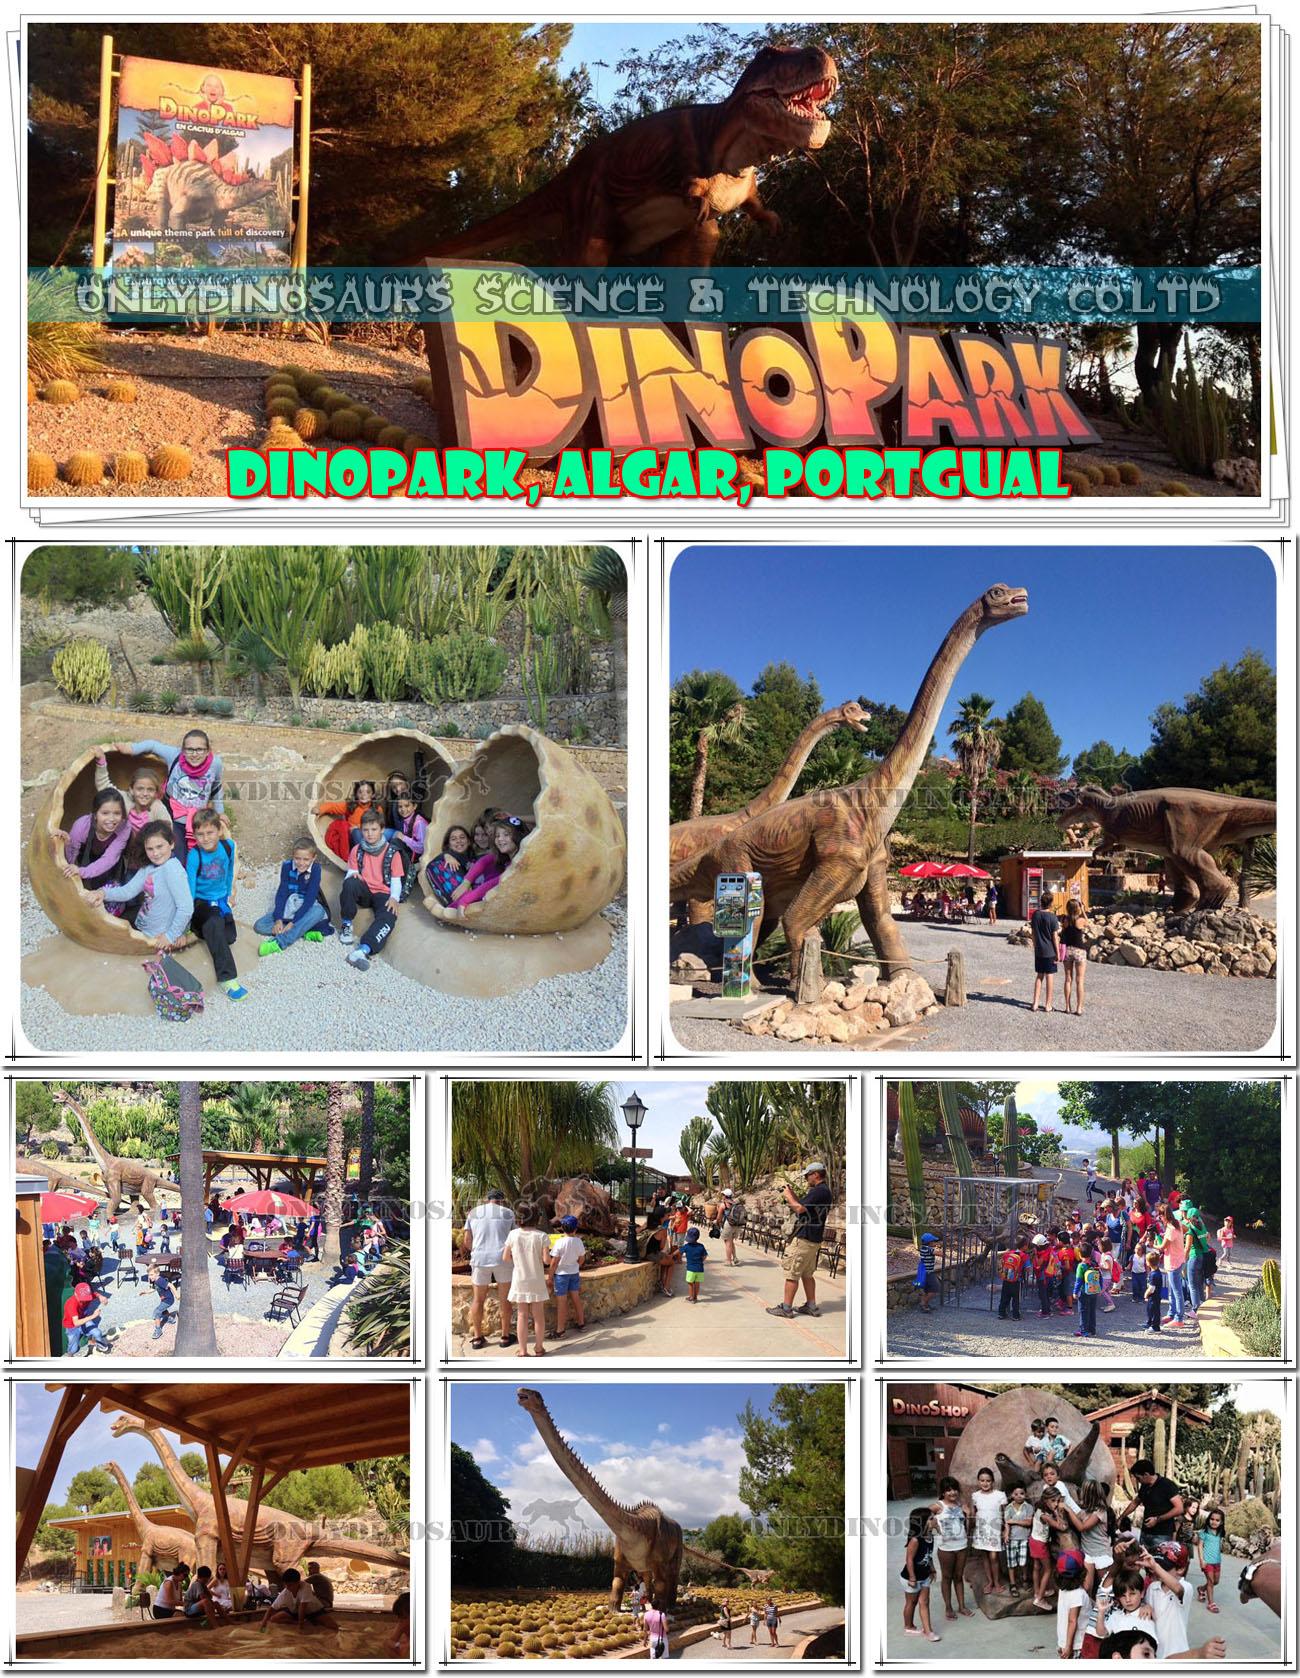 Dinosaur Park in Portgual